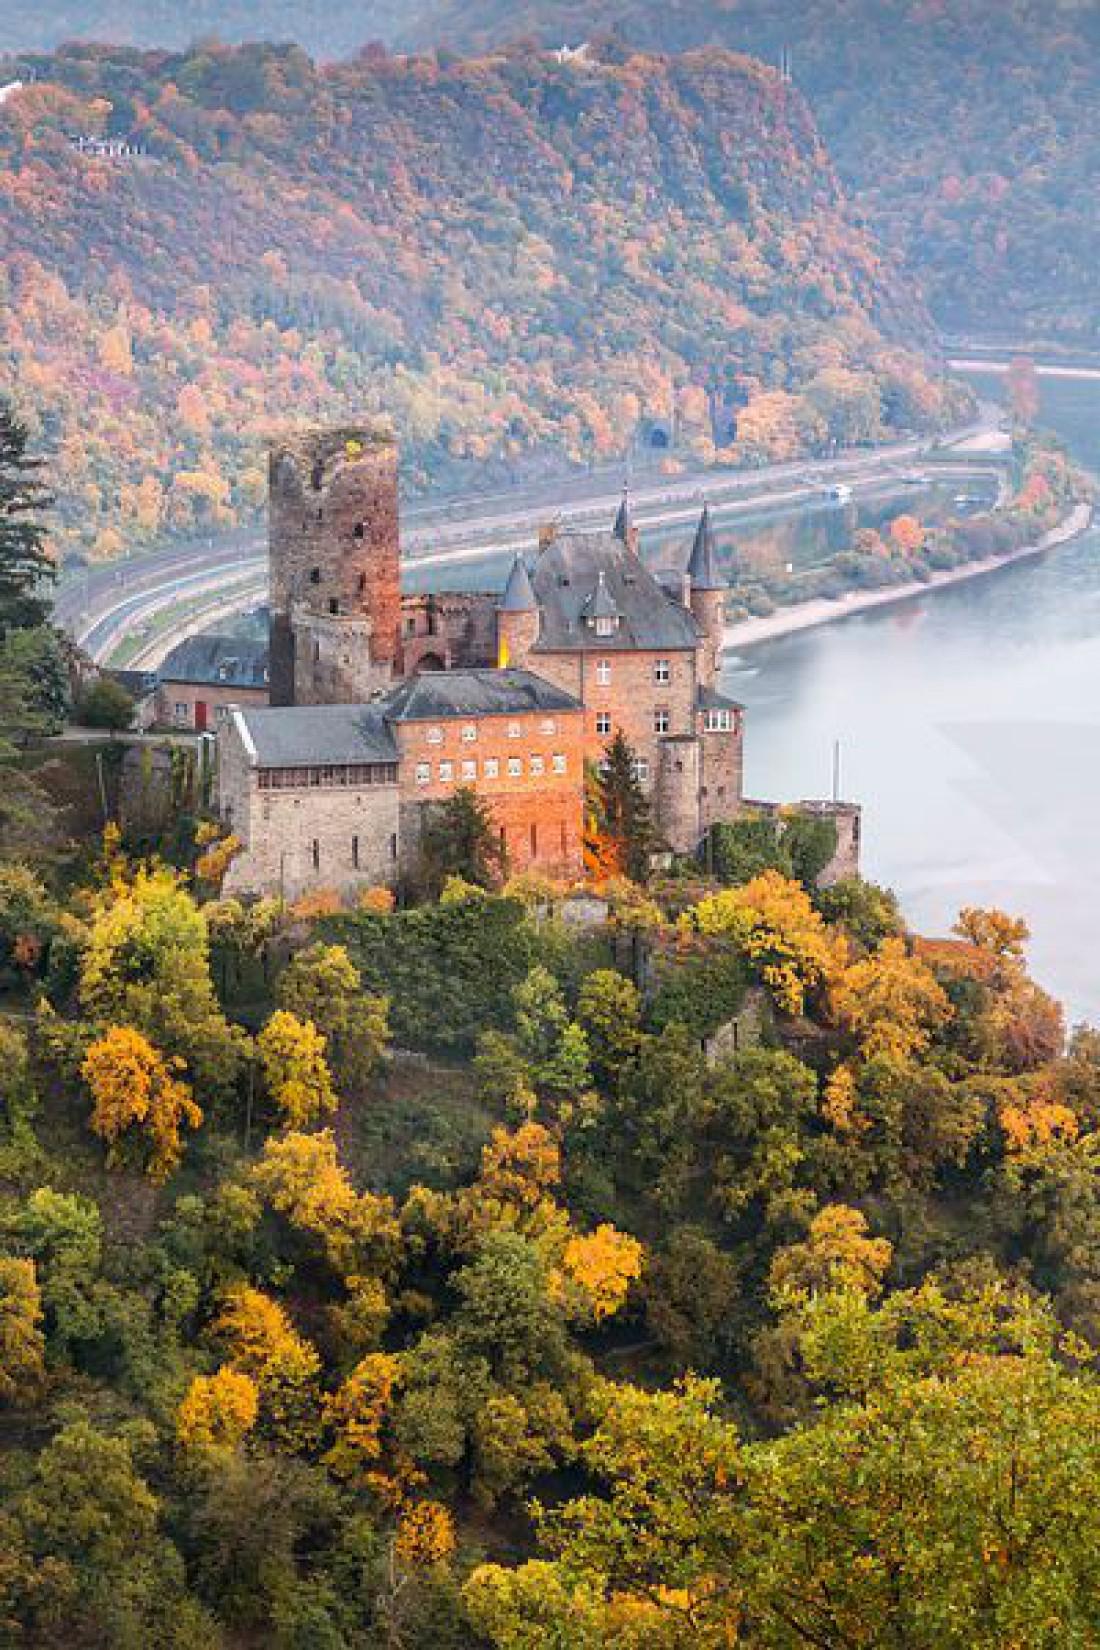 Замок Катц - лишь один из многих восхитительных замков долины Рейна